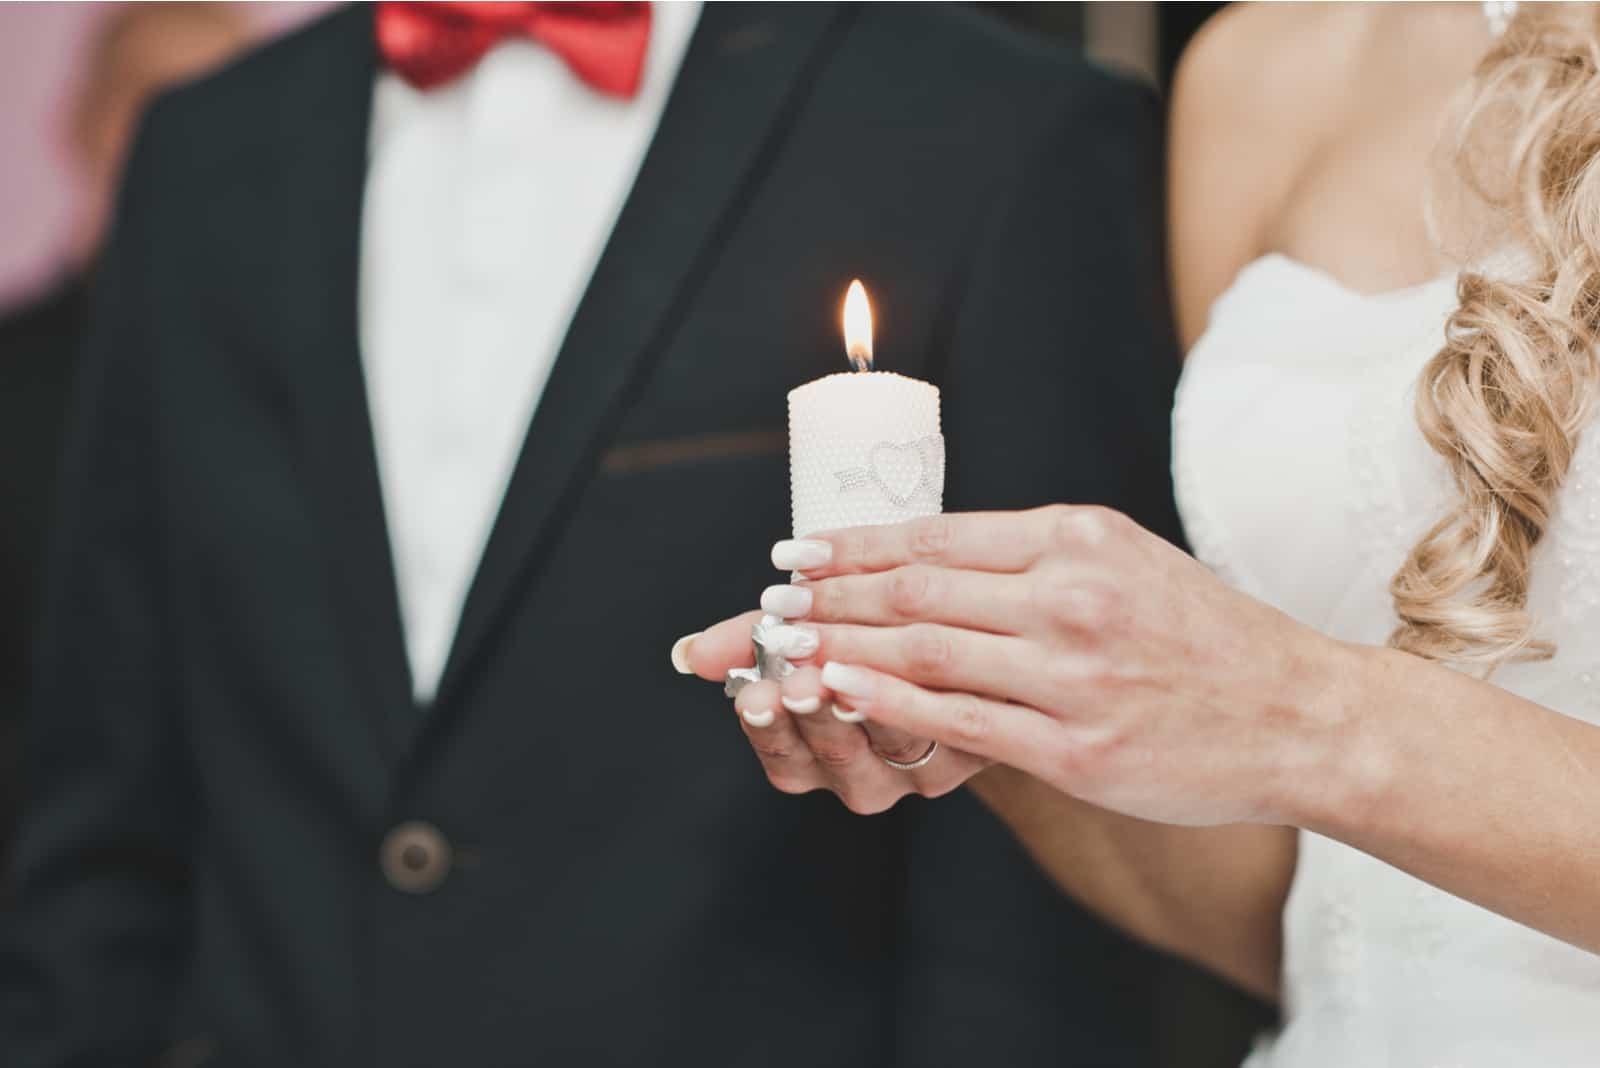 Die Braut hält eine Kerze